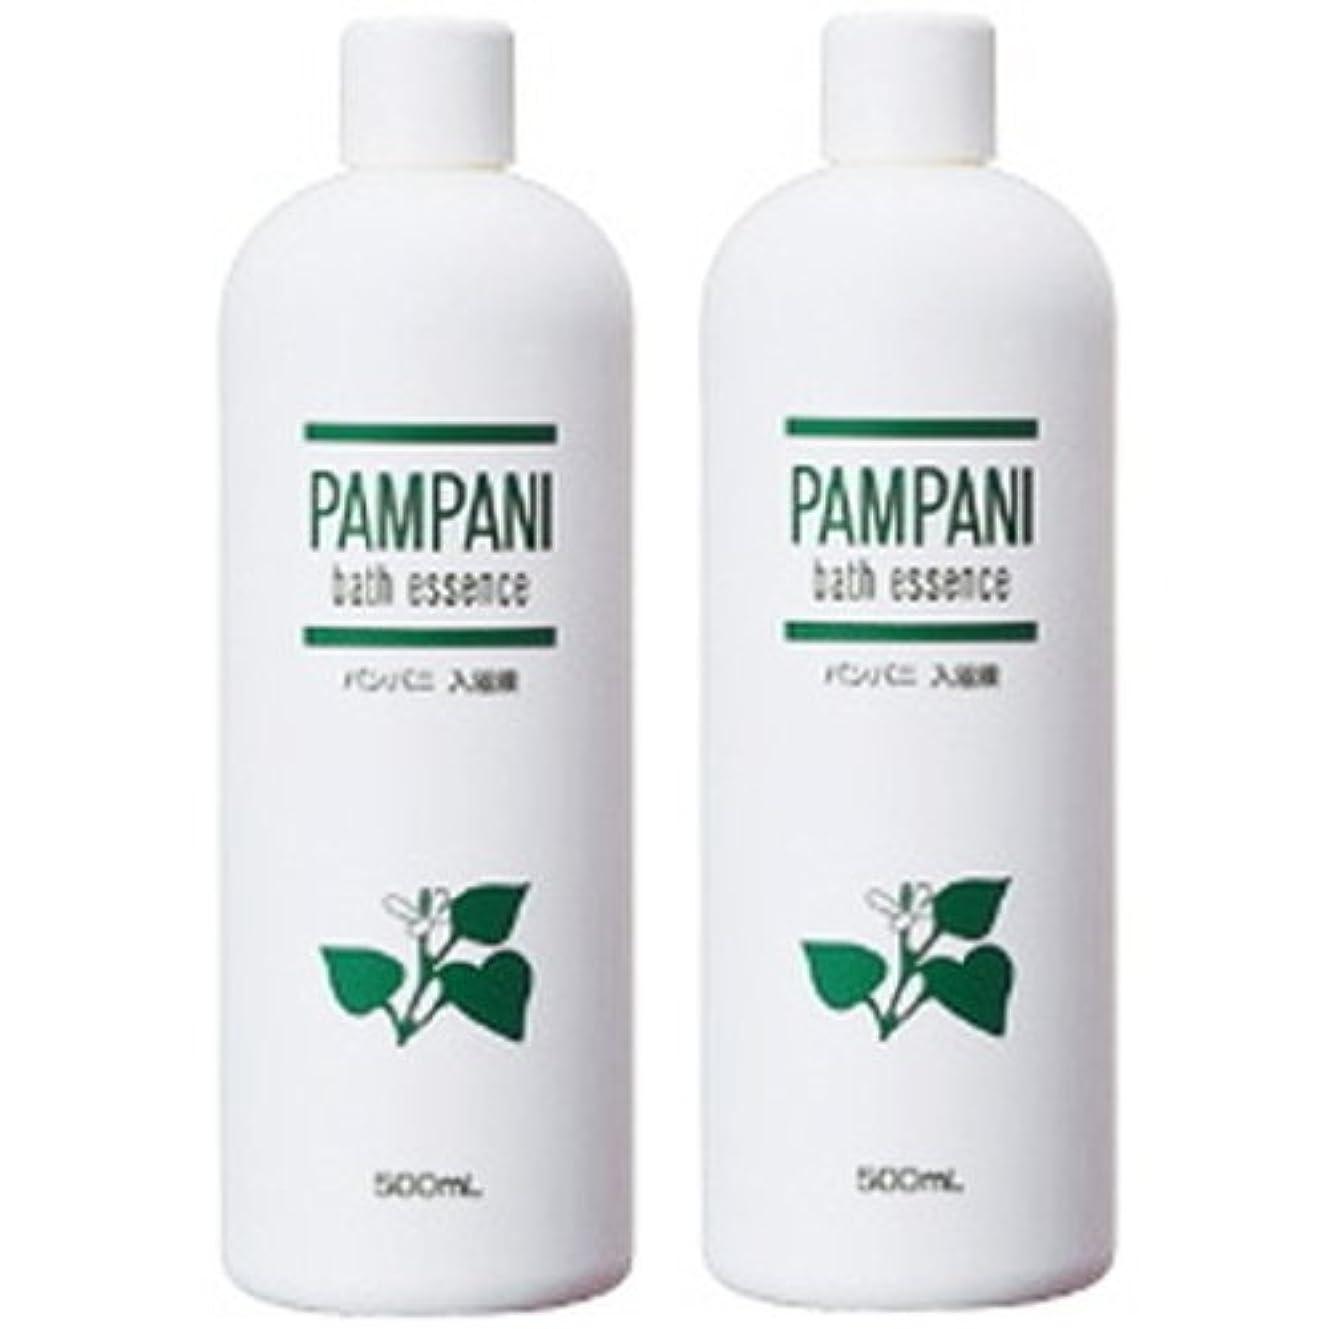 ヒステリックラッチスズメバチパンパニ(PAMPANI) 入浴液 (希釈タイプ) 500ml×2本組